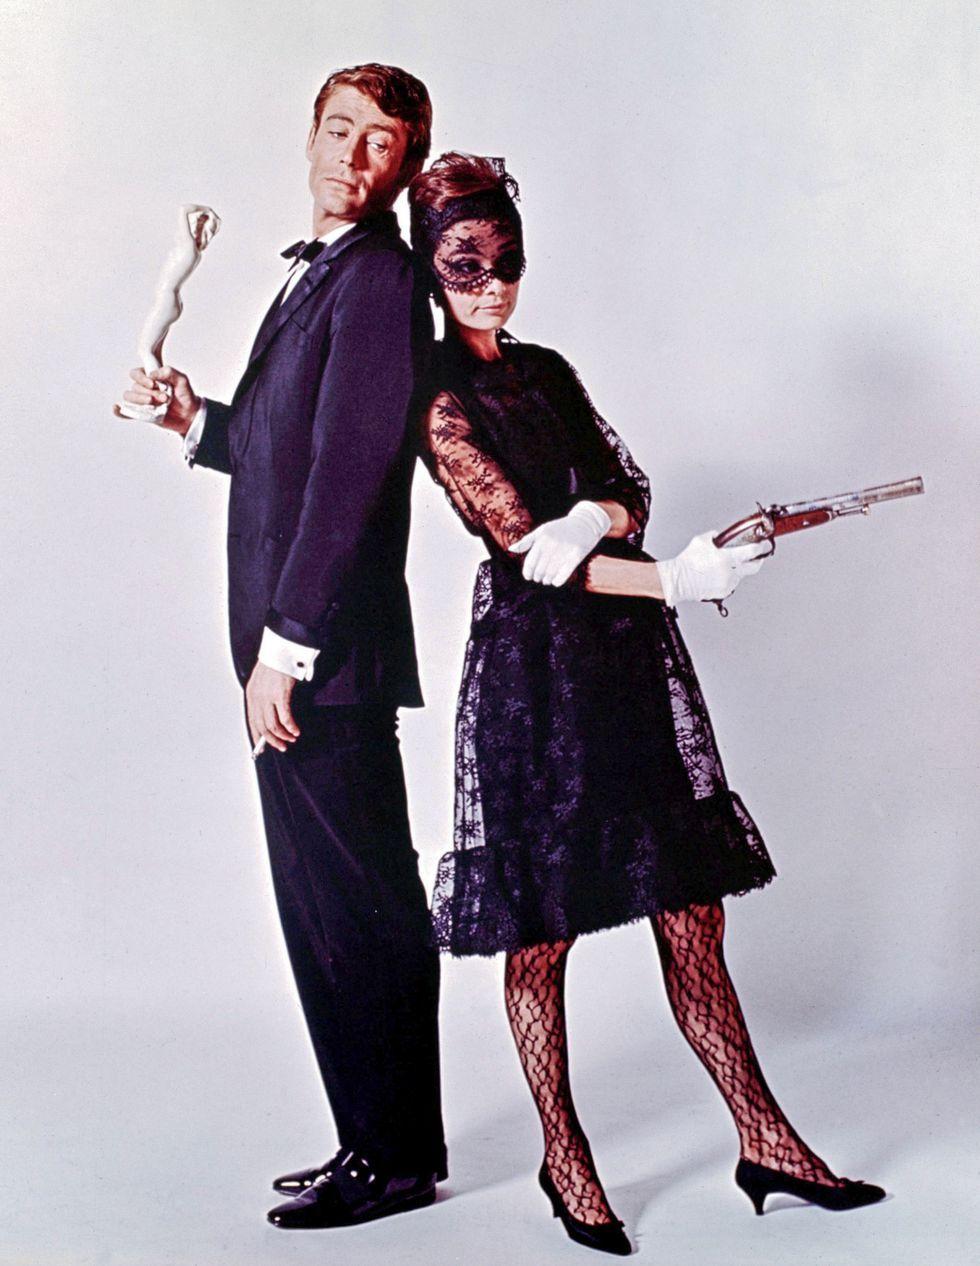 Deretan Film Audrey Hepburn dengan Busana Paling Ikonik Sepanjang Masa